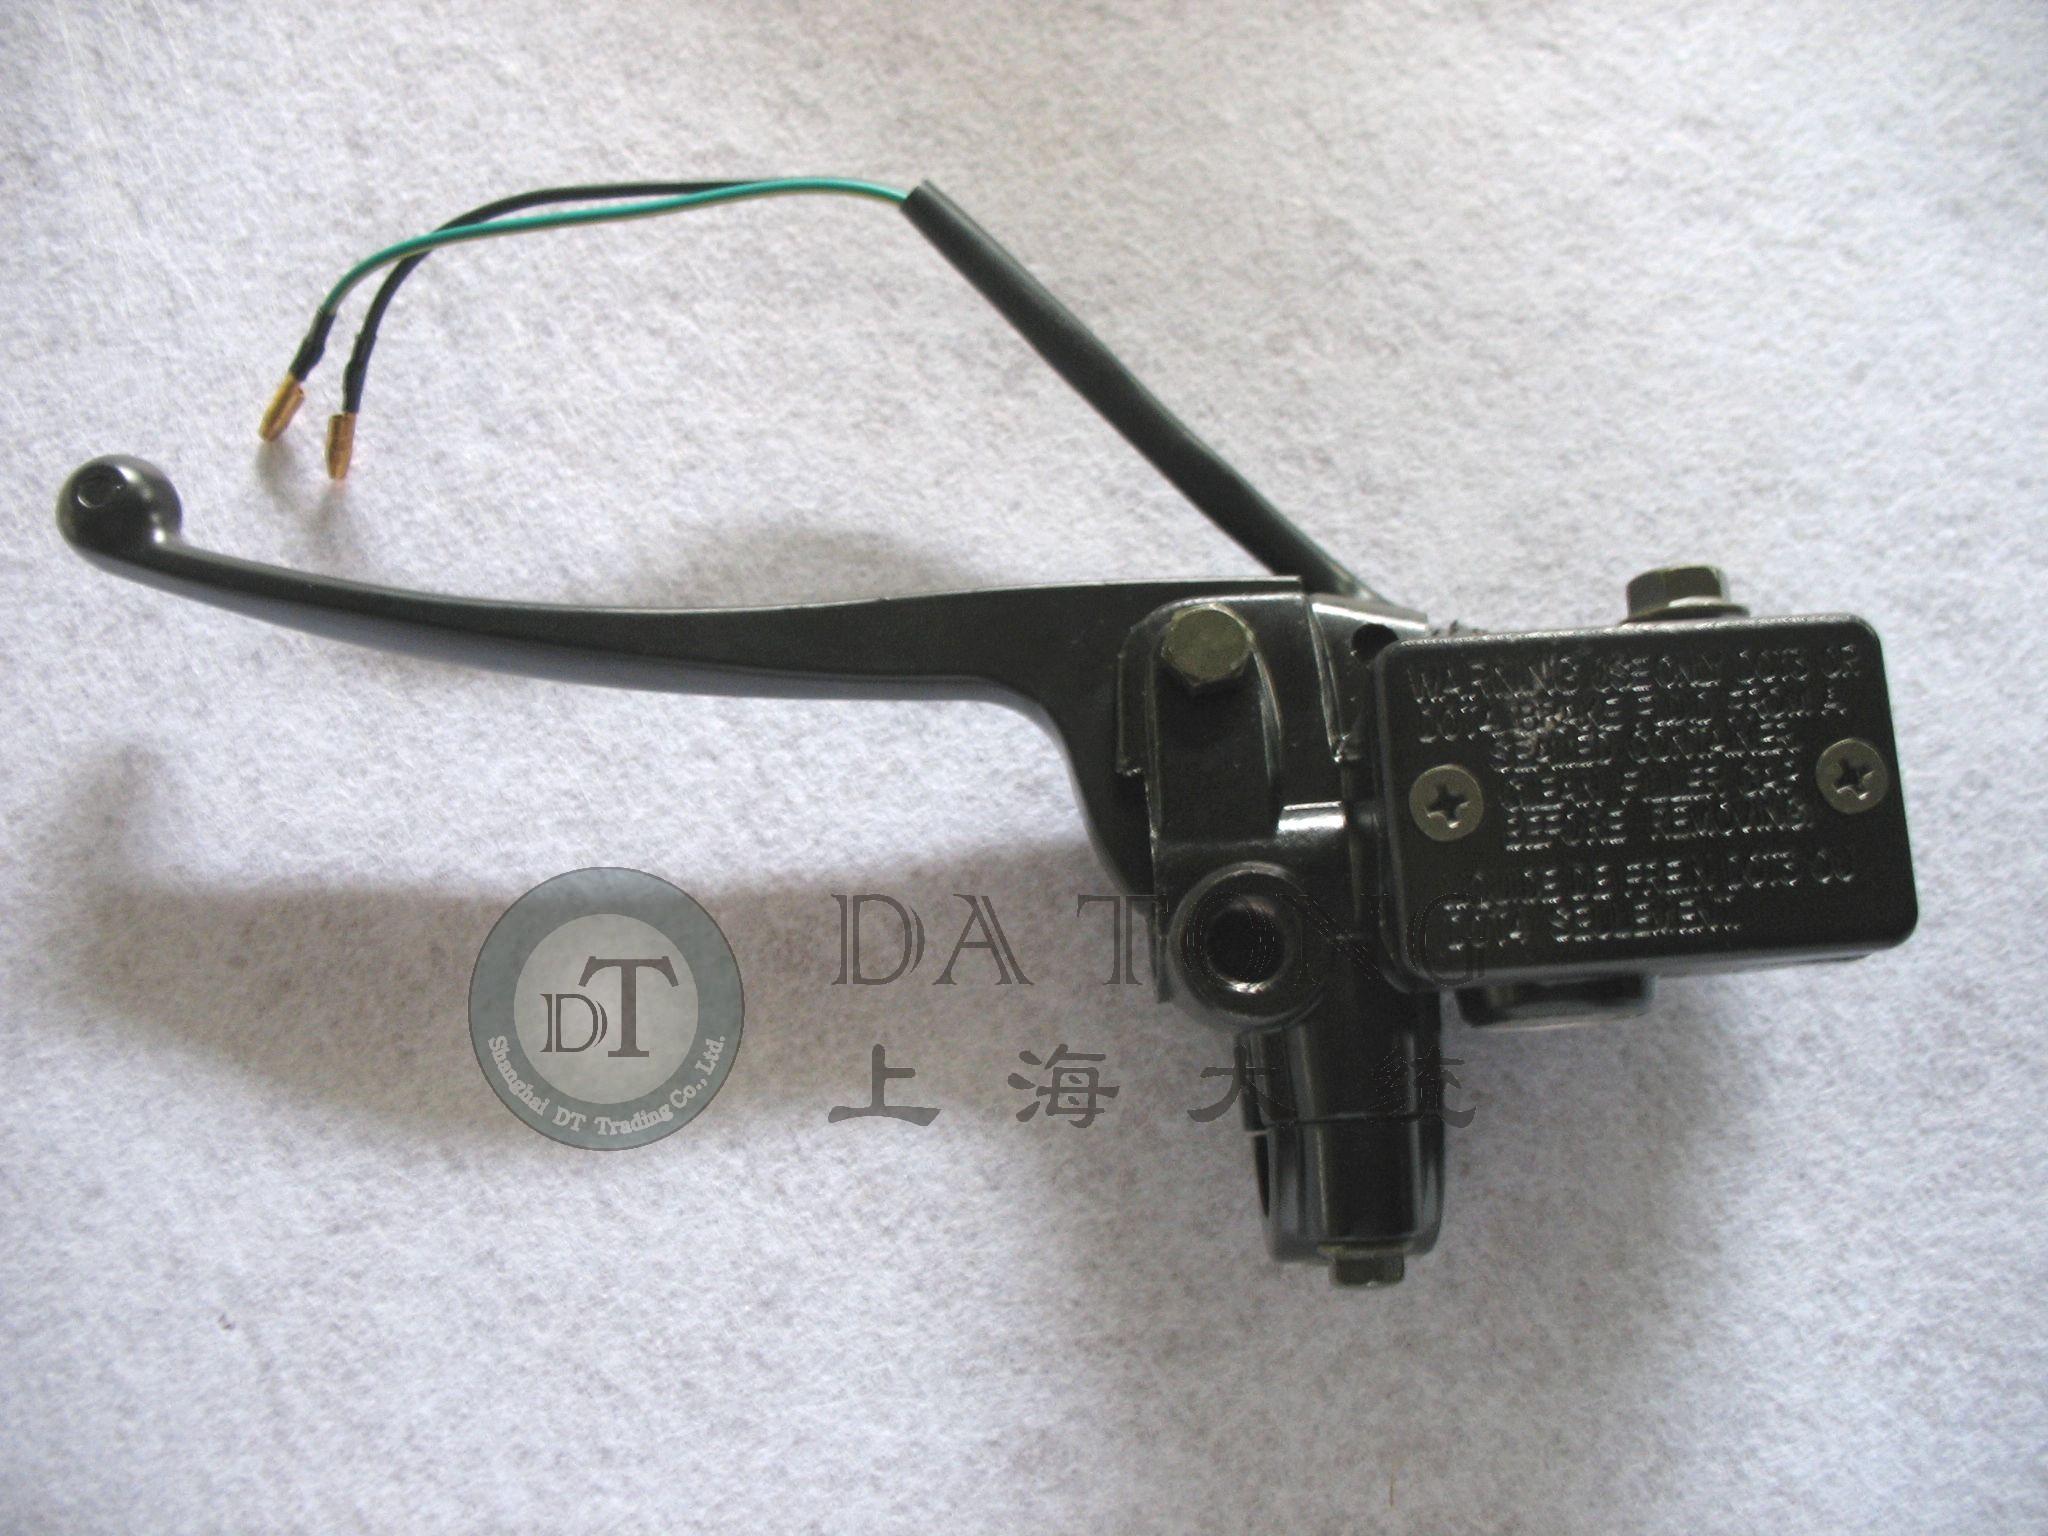 Тормозные колодки для мотоцикла На левой задние дисковые тормоза на скутер тормозной насос насос Линъин 125 ZY Yamaha YZ Xun ин ли ин